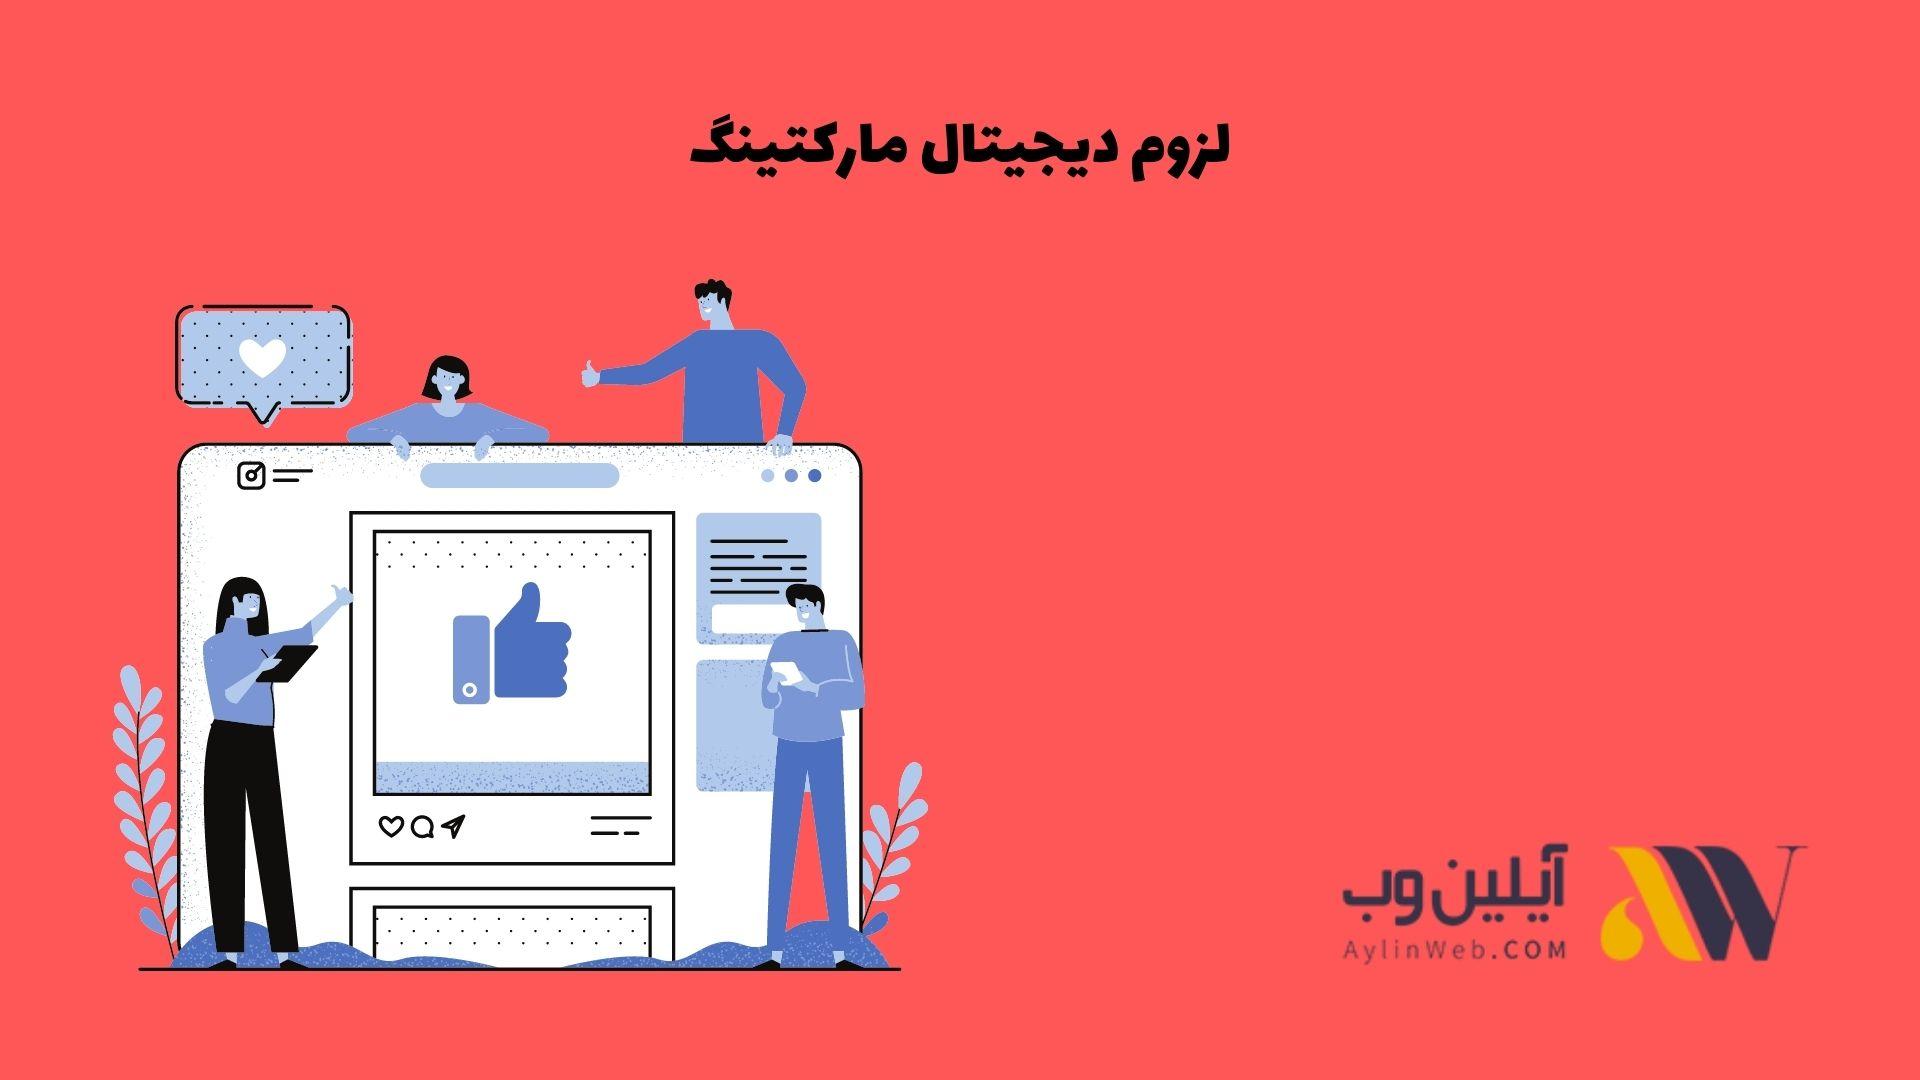 لزوم دیجیتال مارکتینگ